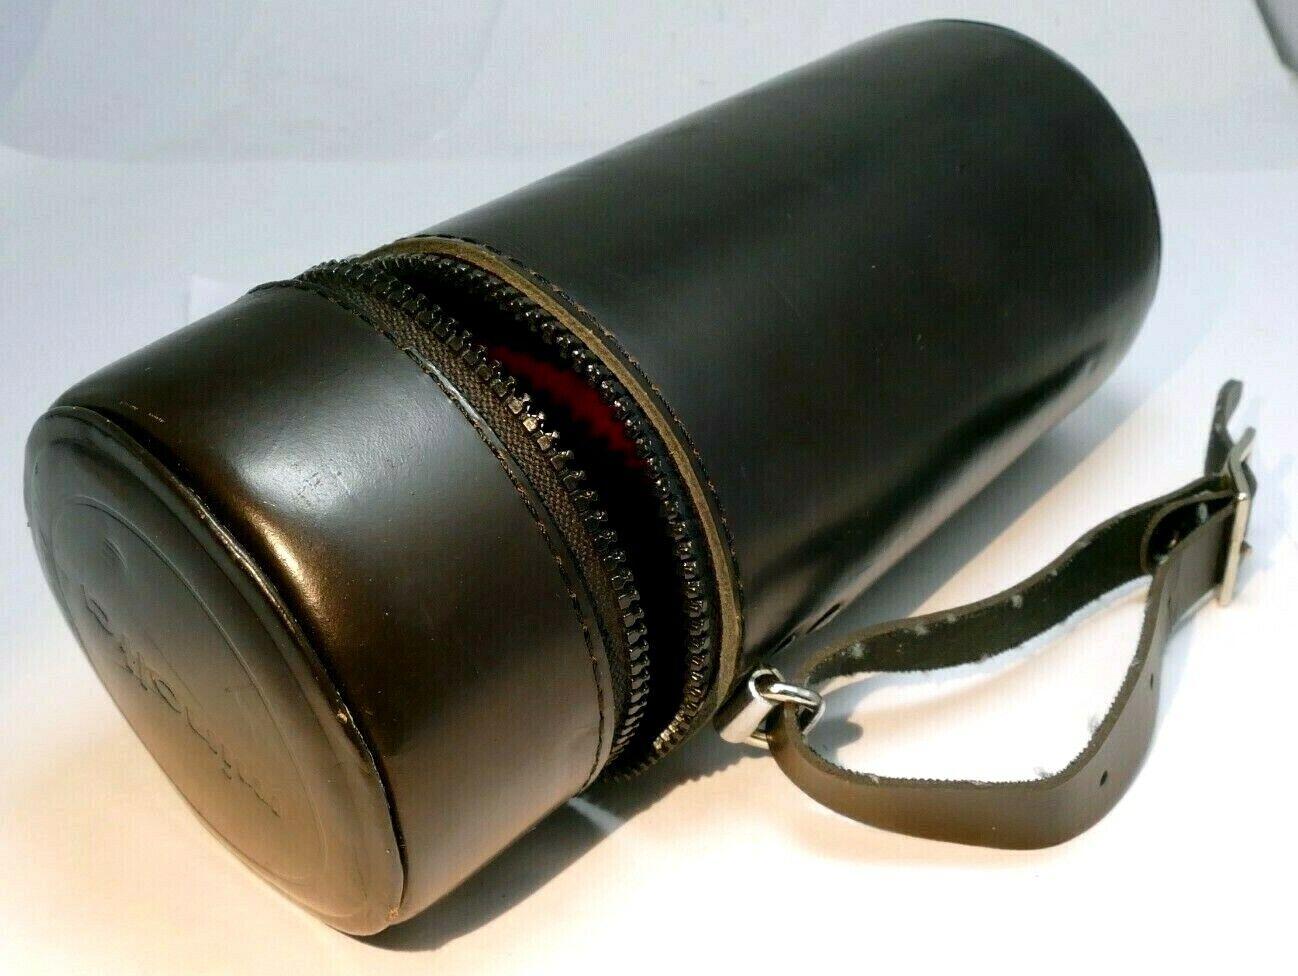 Soft Case Lens Pouch for Minolta 200mm f4.5 MC MD lens 6